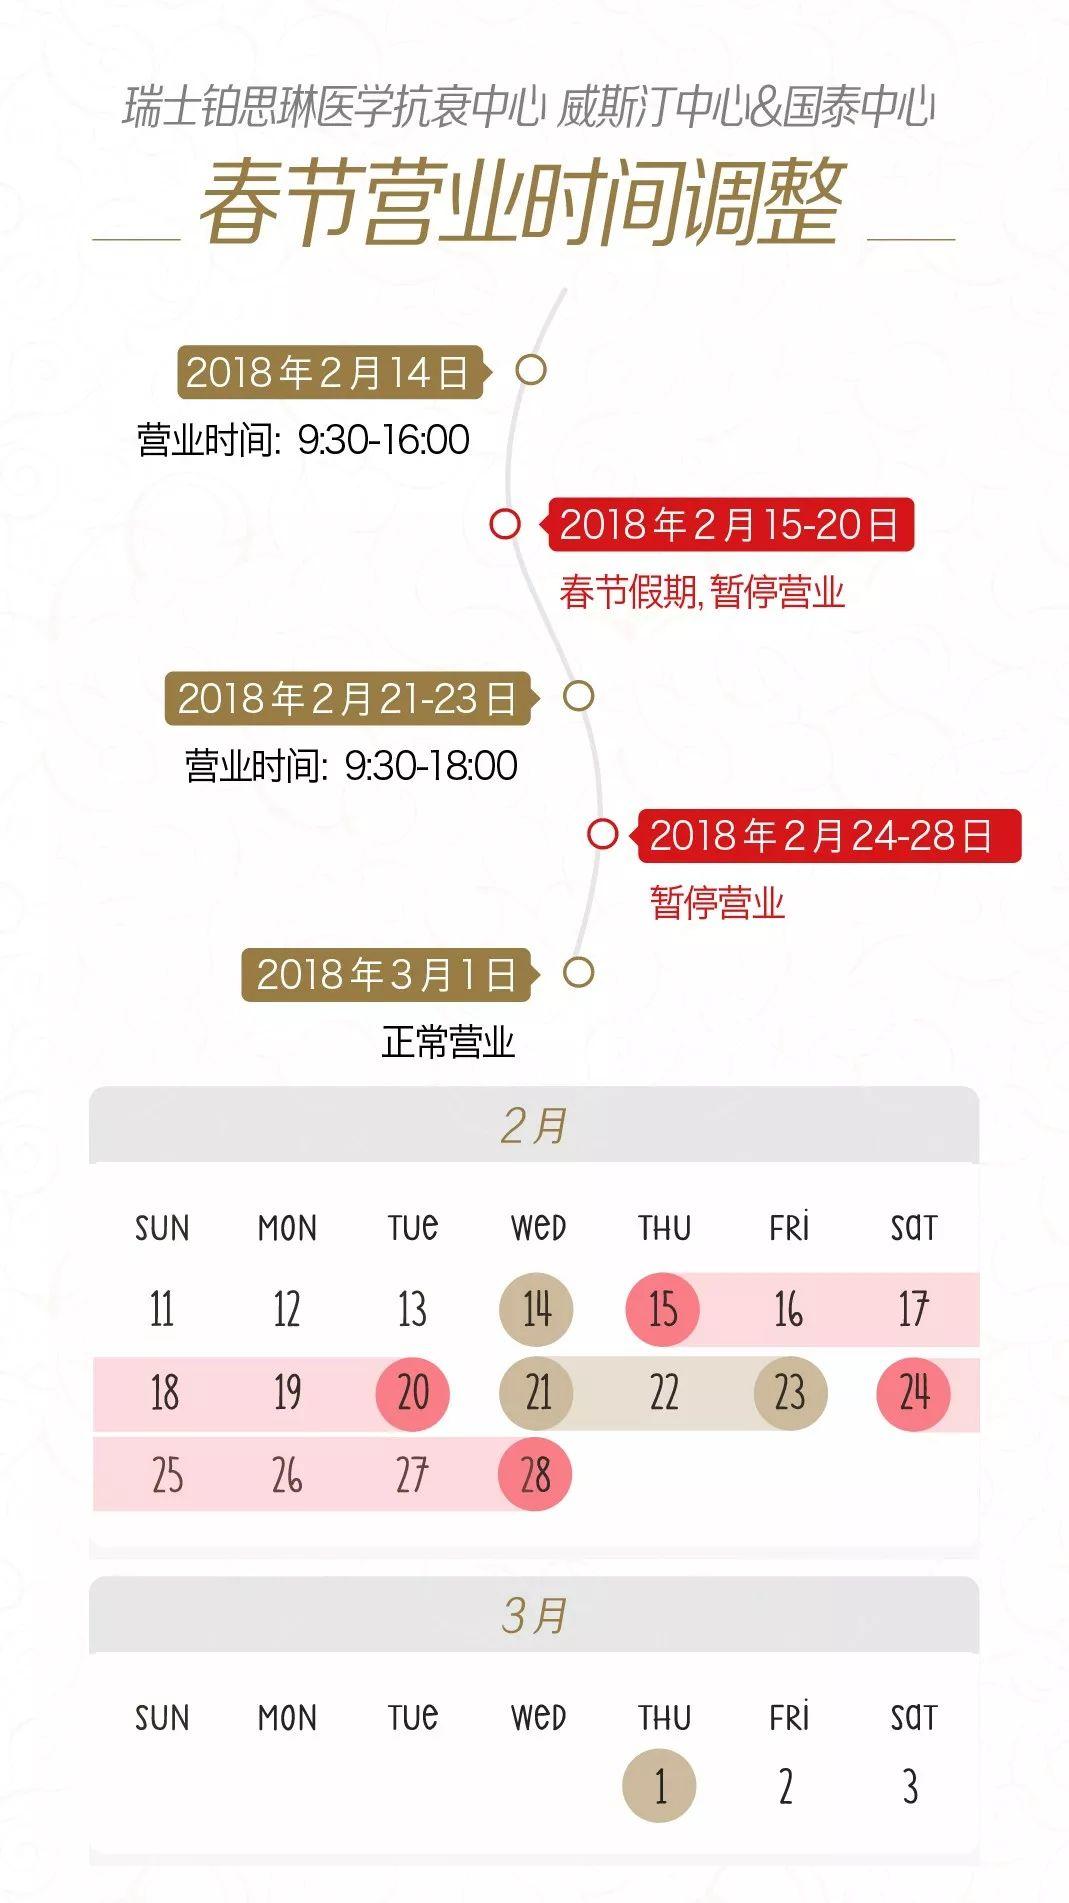 铂思琳2018春节营业安排